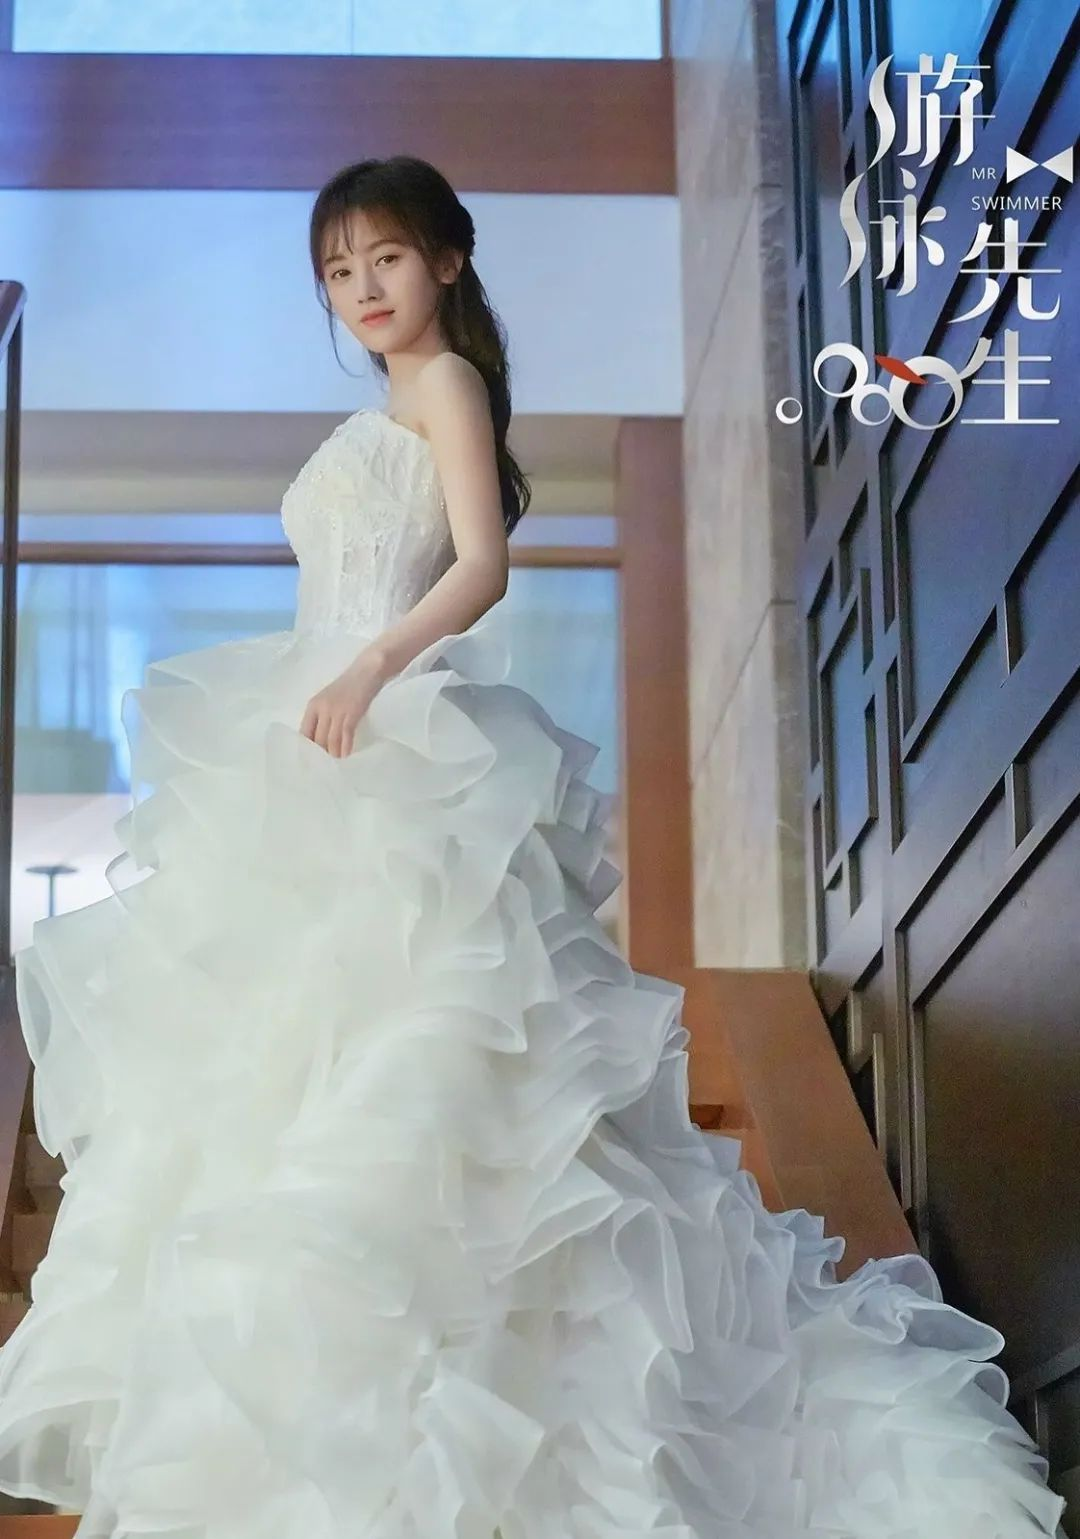 #遊泳先生鞠婧禕# 宋茶茶是最美的新娘-圖5